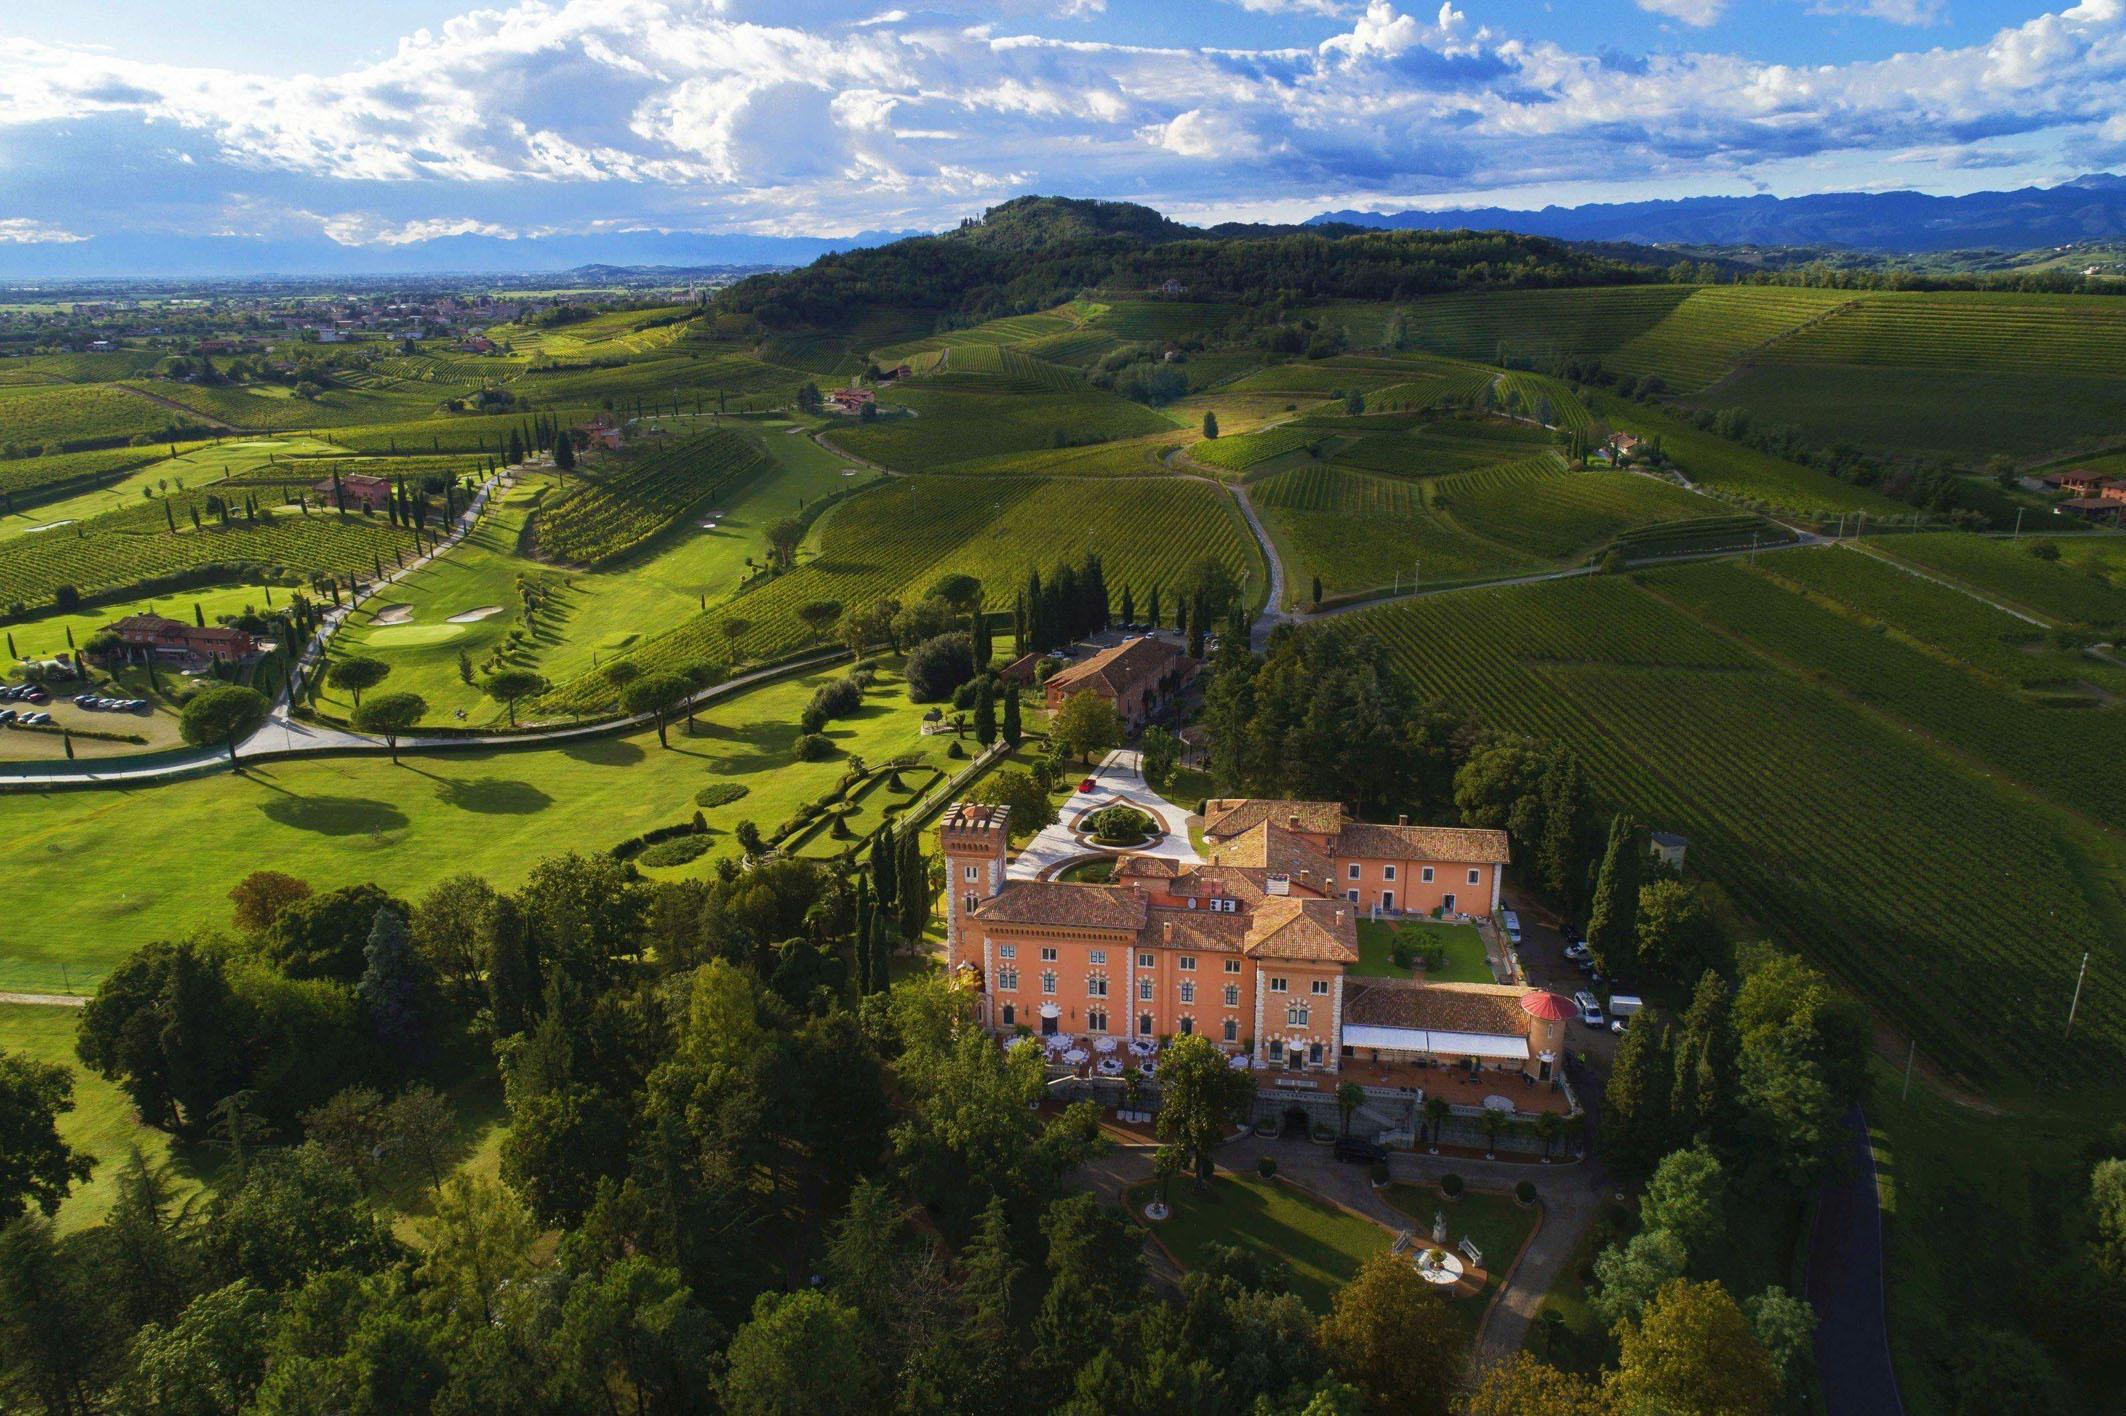 Castello di Spessa-Foto di Fabio Pappalettera-Il fascino del Friuli Venezia Giulia